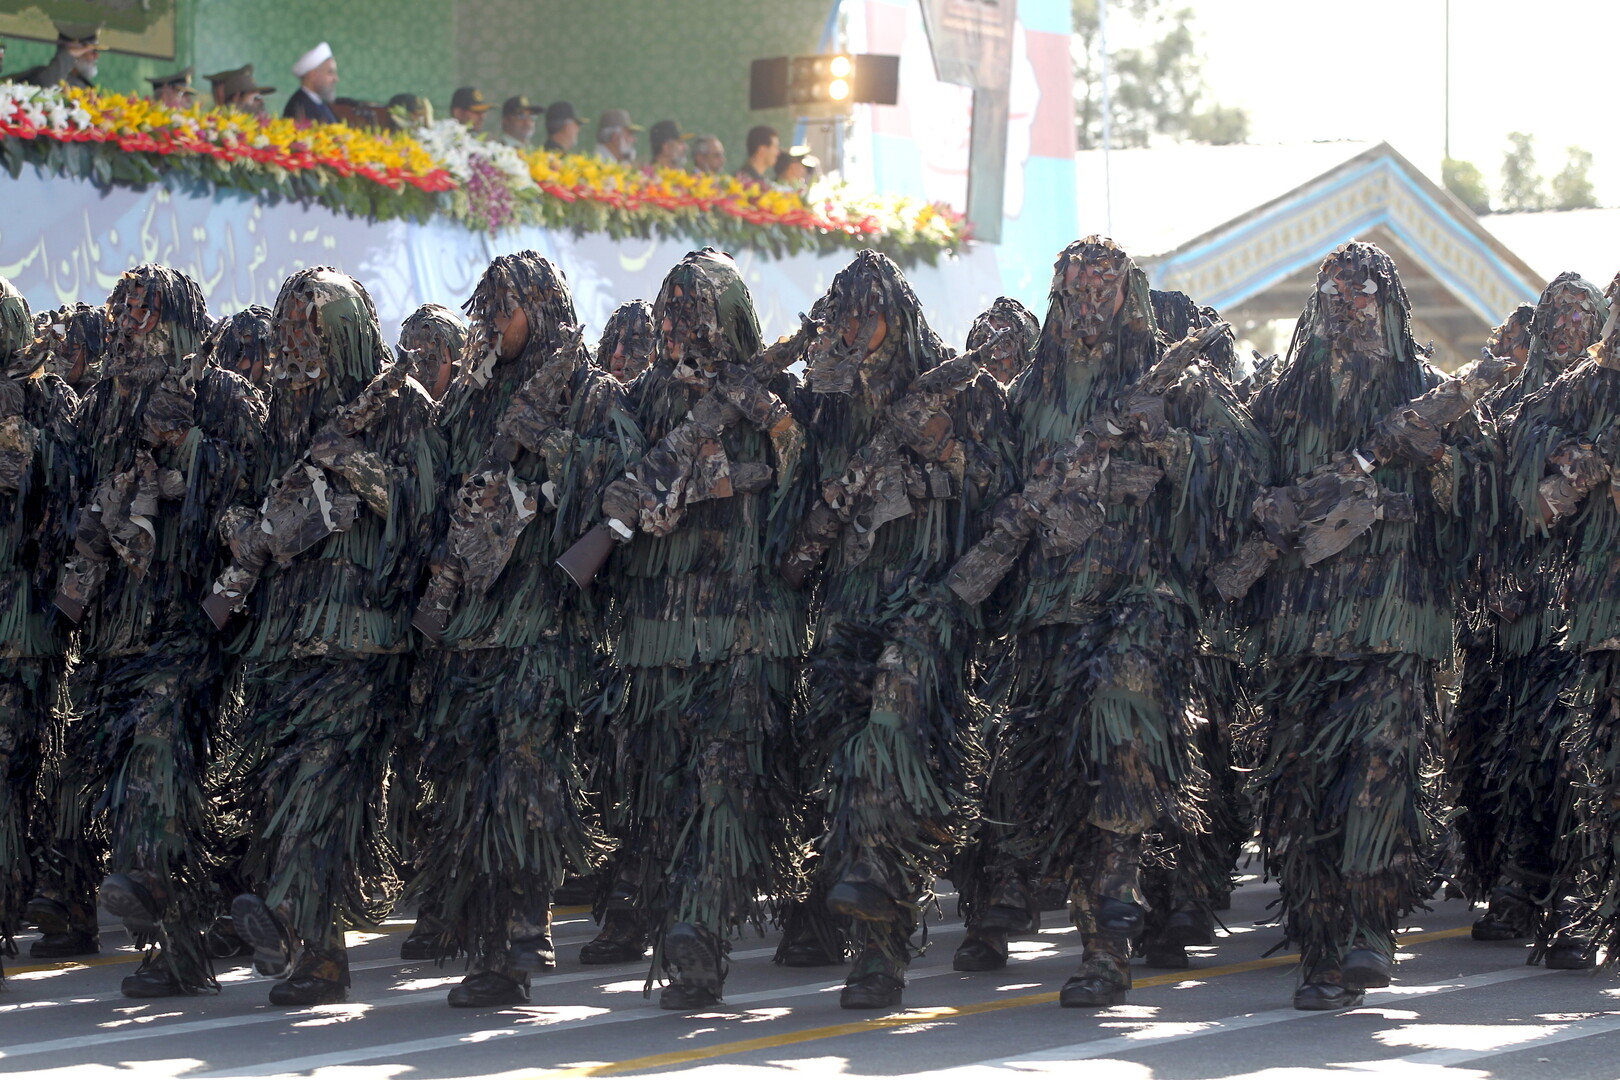 إيران .. عروض عسكرية في مختلف أنحاء البلاد